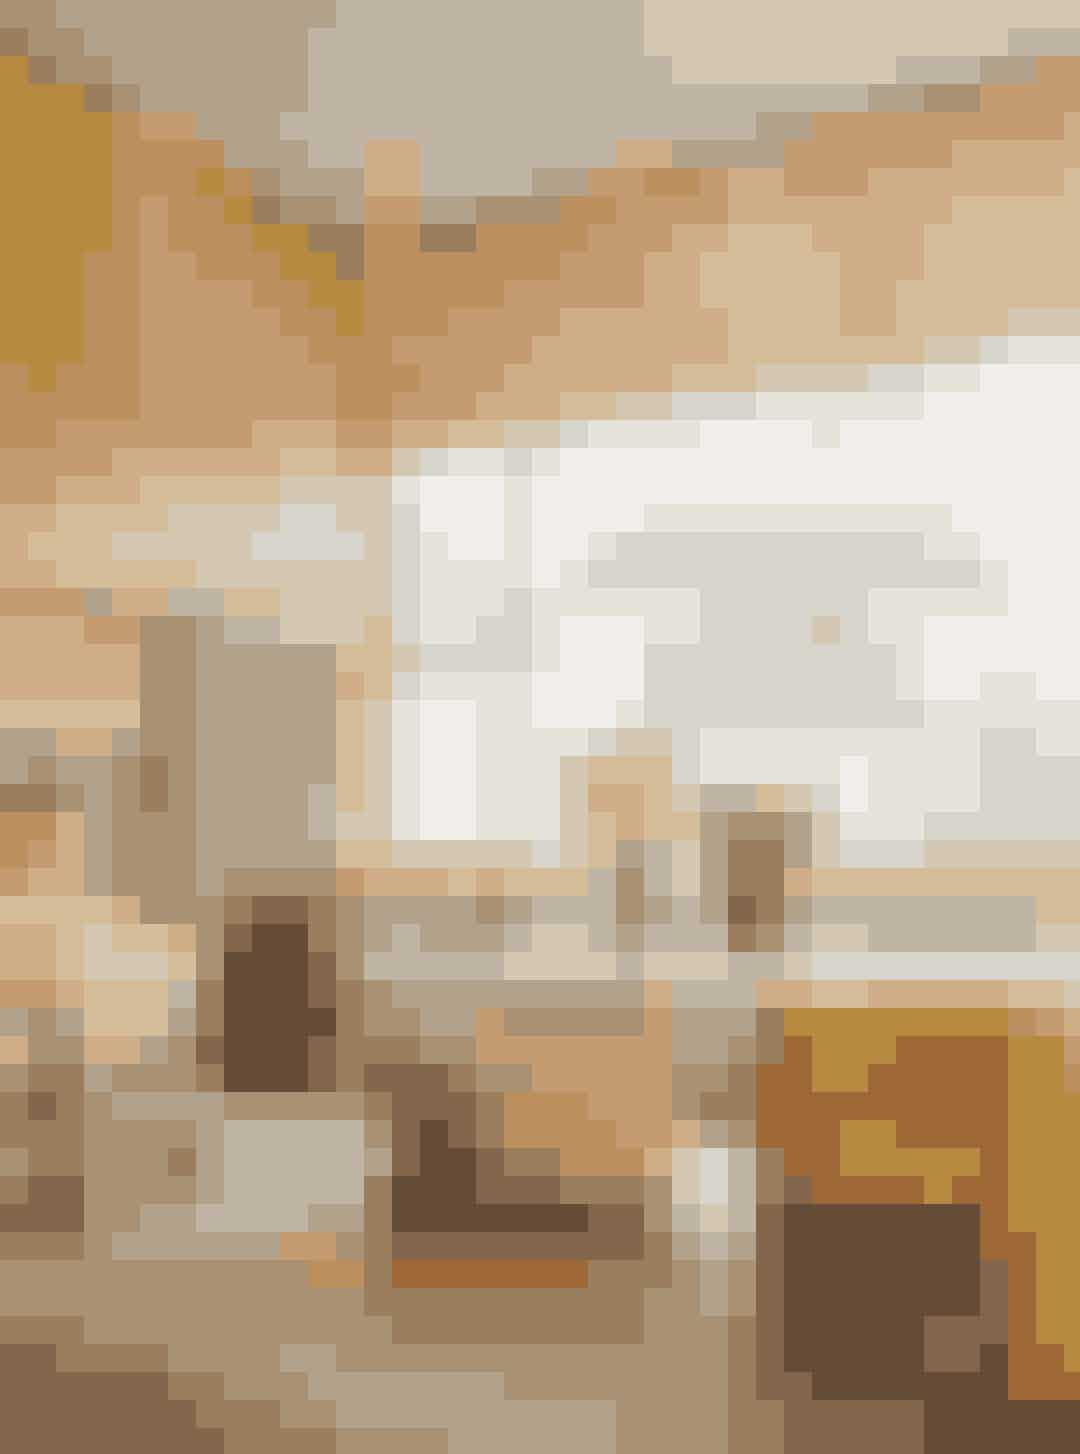 Denne måned får det nye ELLKE Decoration med gratis, og du kan glæde dig til et magasin spækket med lækker og lærerig sommerlæsning. Kom bl.a. inden for i seks kreative københavnerhjem, lad dig guide af tre kunststærke kvinder, når de fortæller, hvad de ville investere i for 10.000 kr., og find dit drømmehotel blandt vores ti favoritter lige nu – fra det familieejede minihotel i Lissabon til det idylliske masseria i Puglia.